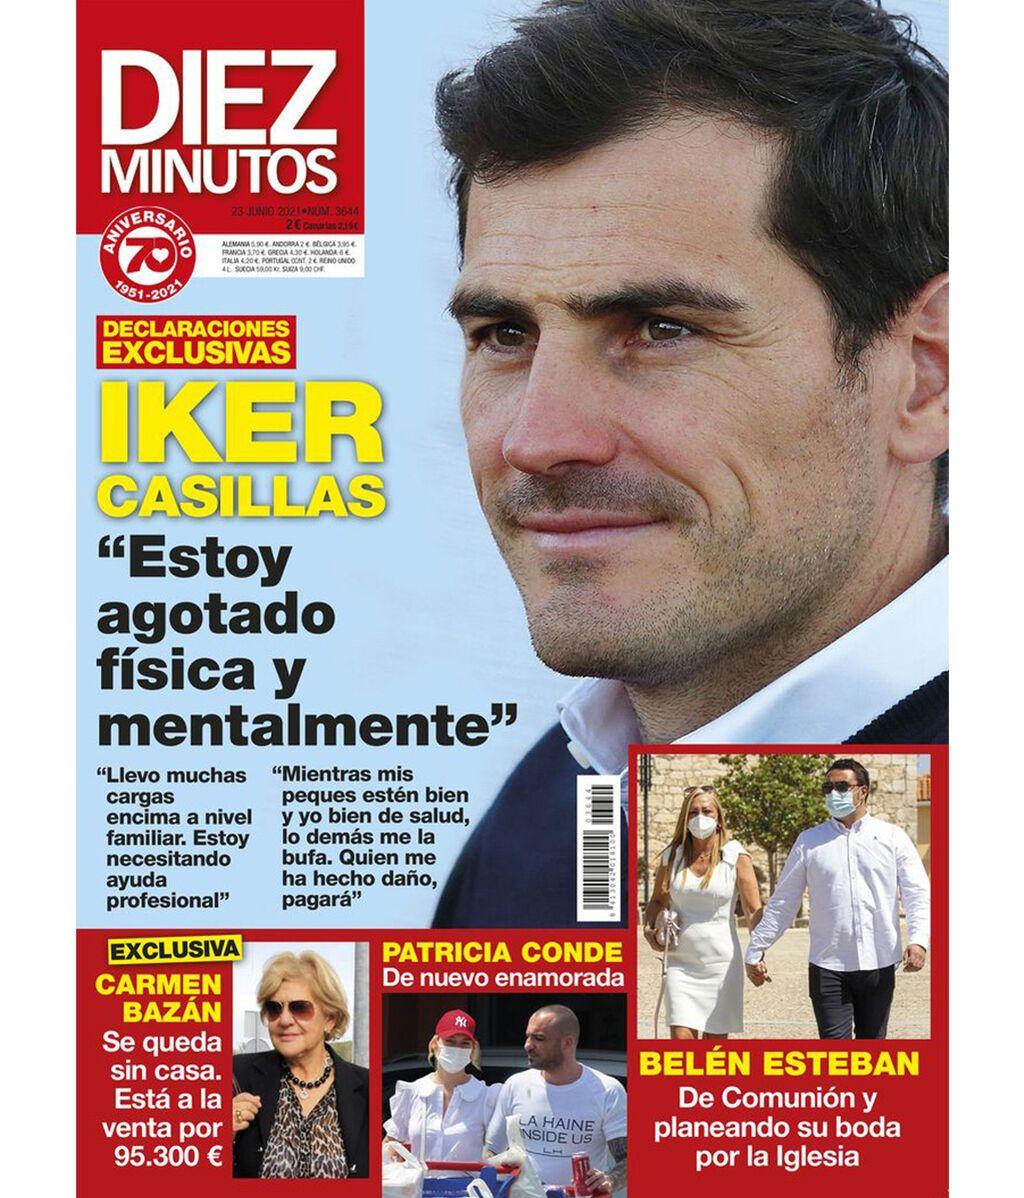 La portada que Iker Casillas ha desmentido